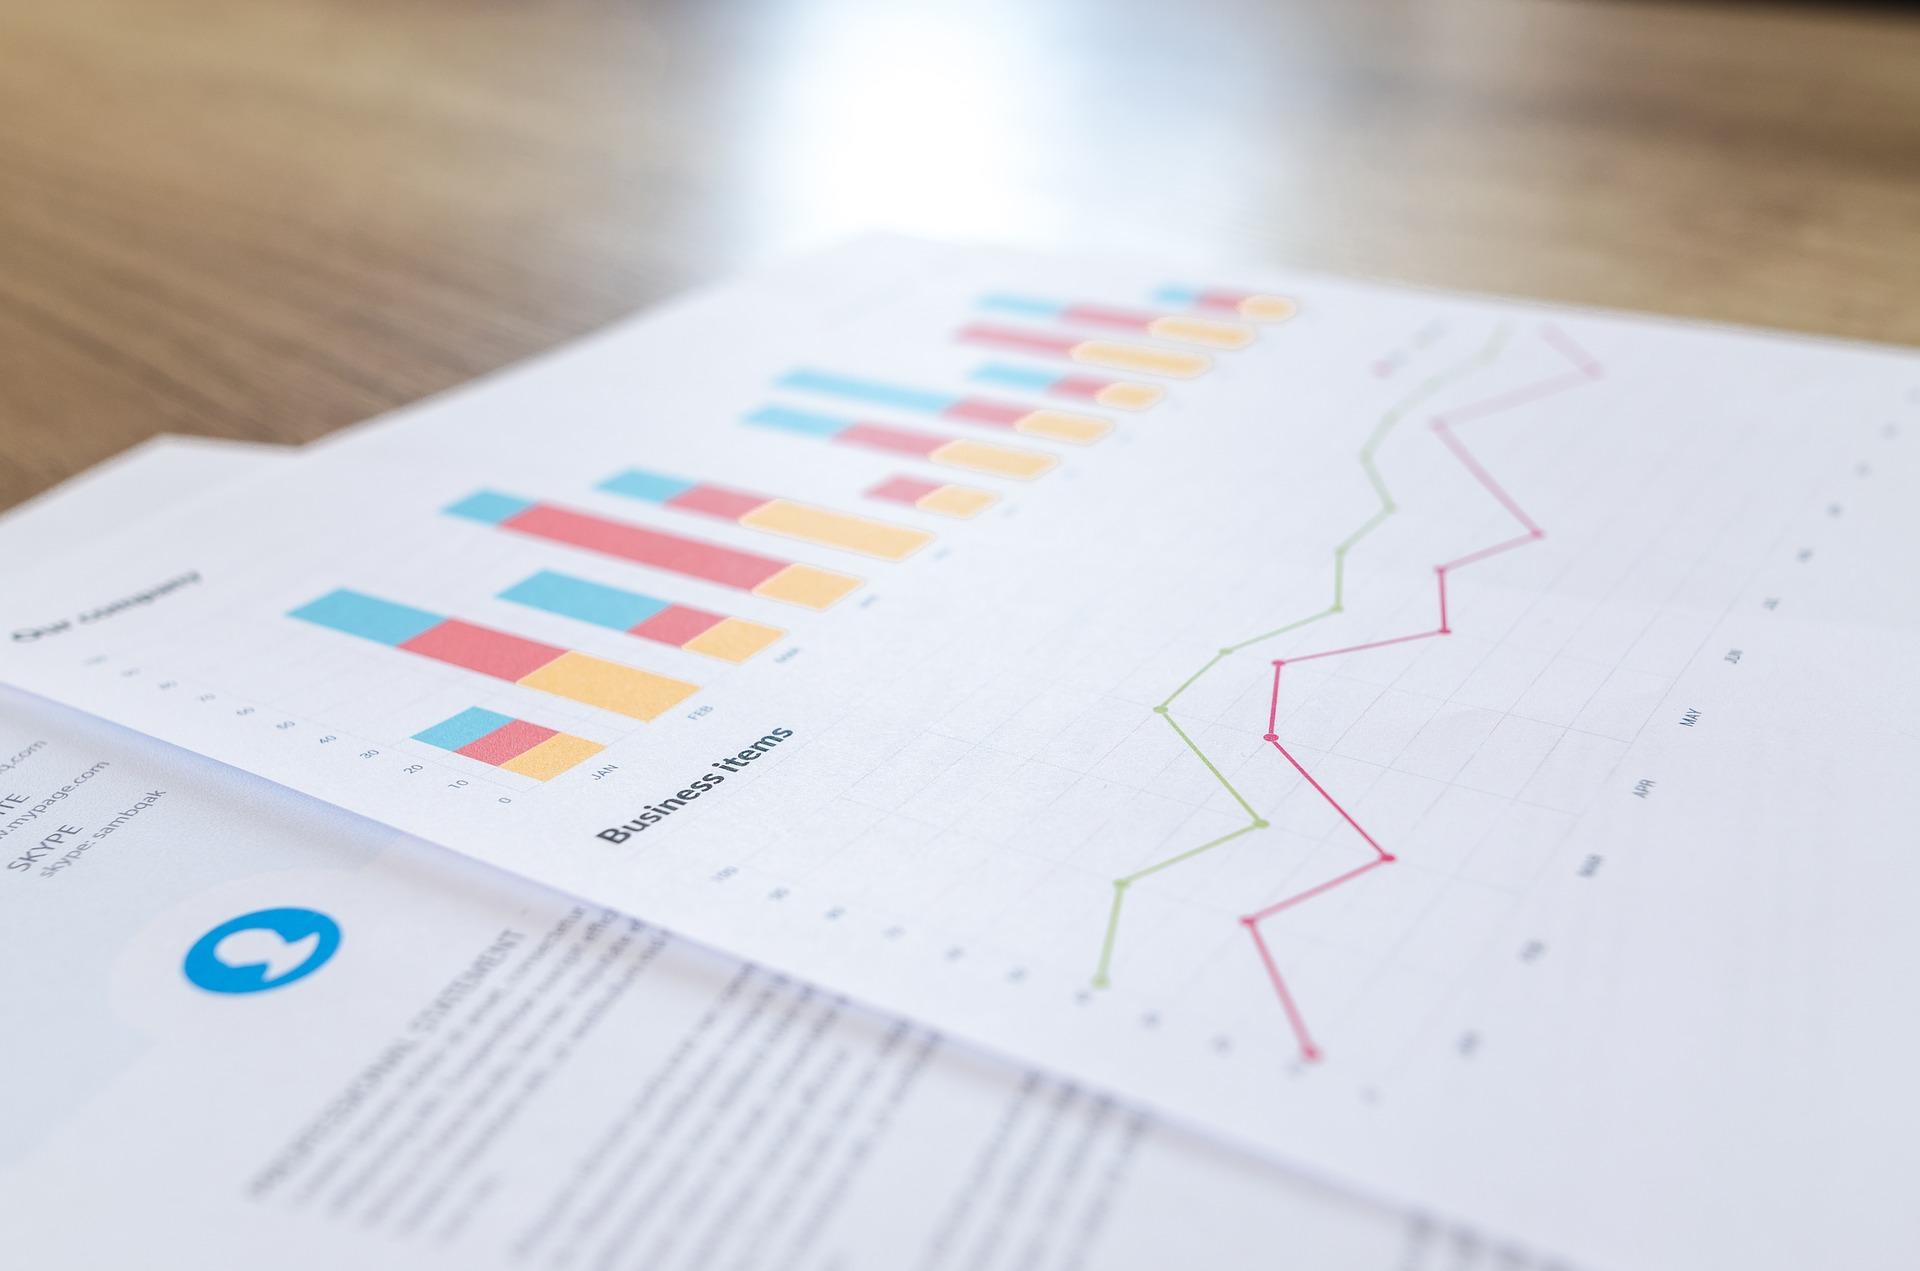 Indicadores financeiros: Como vai a saúde do seu empreendimento?